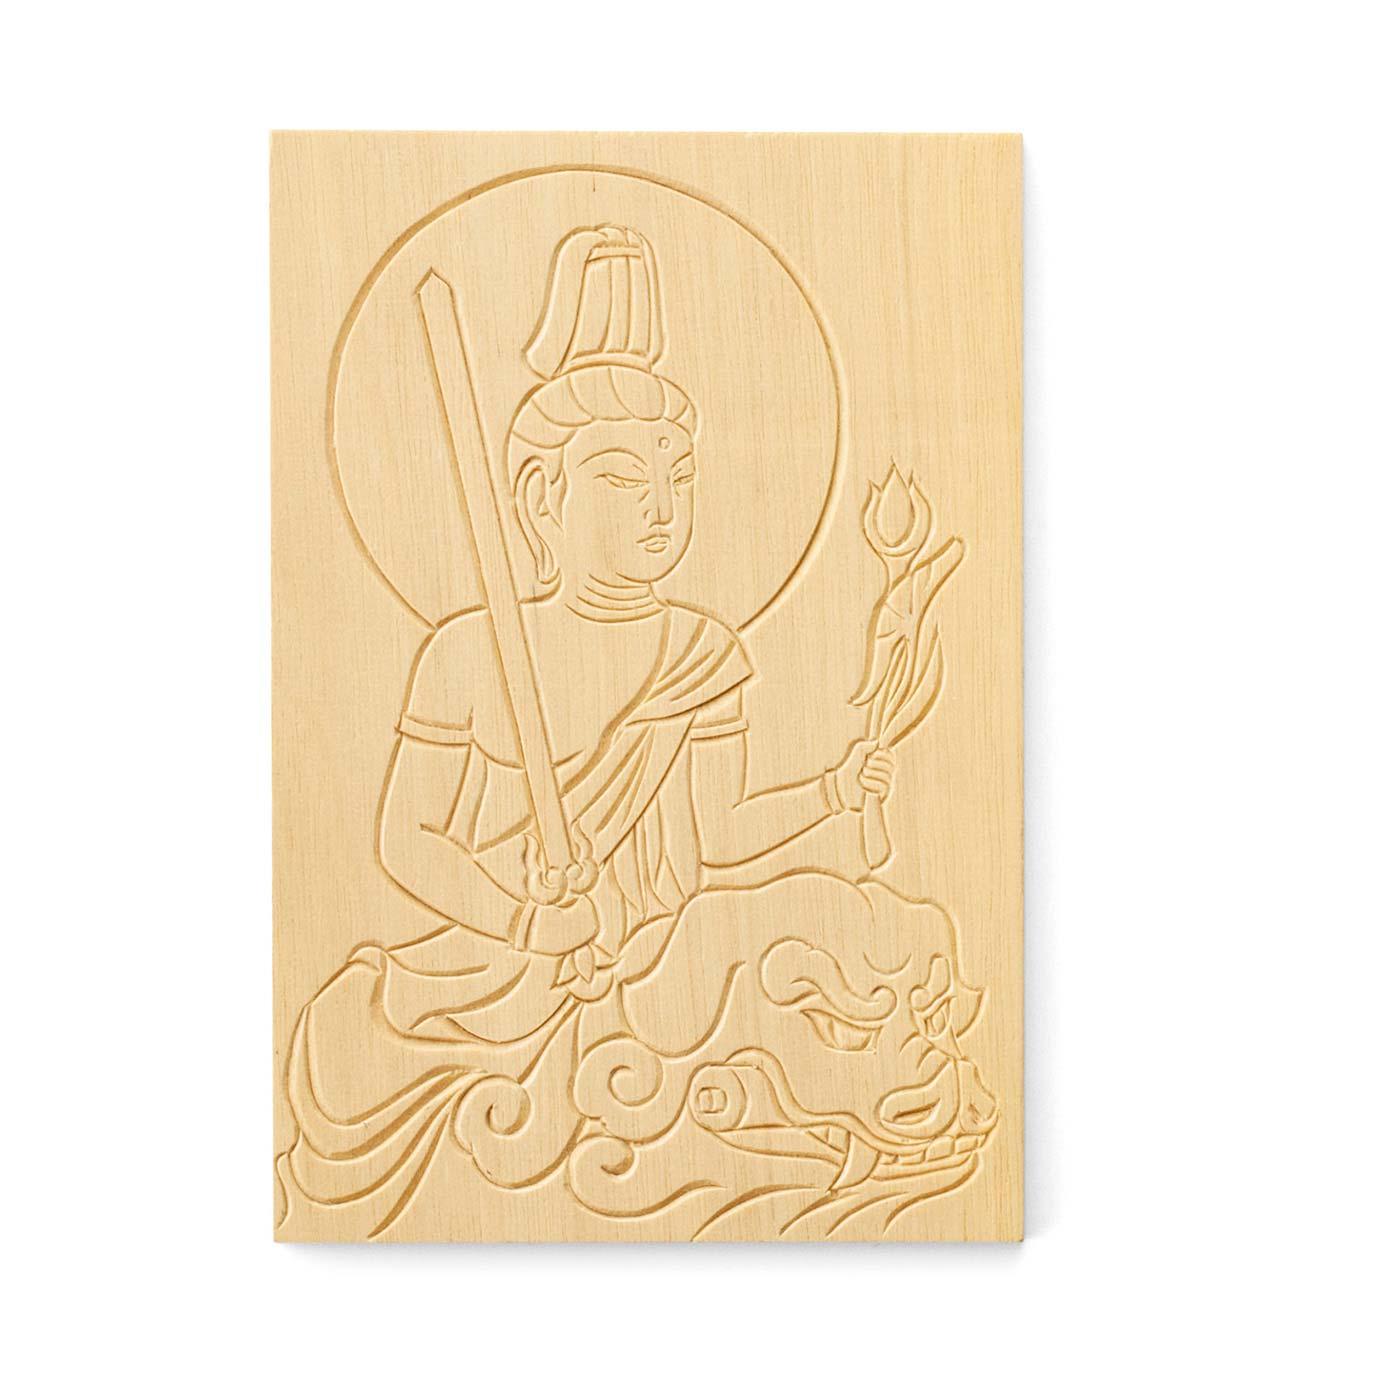 文殊(もんじゅ)菩薩 智恵と学問の菩薩さま